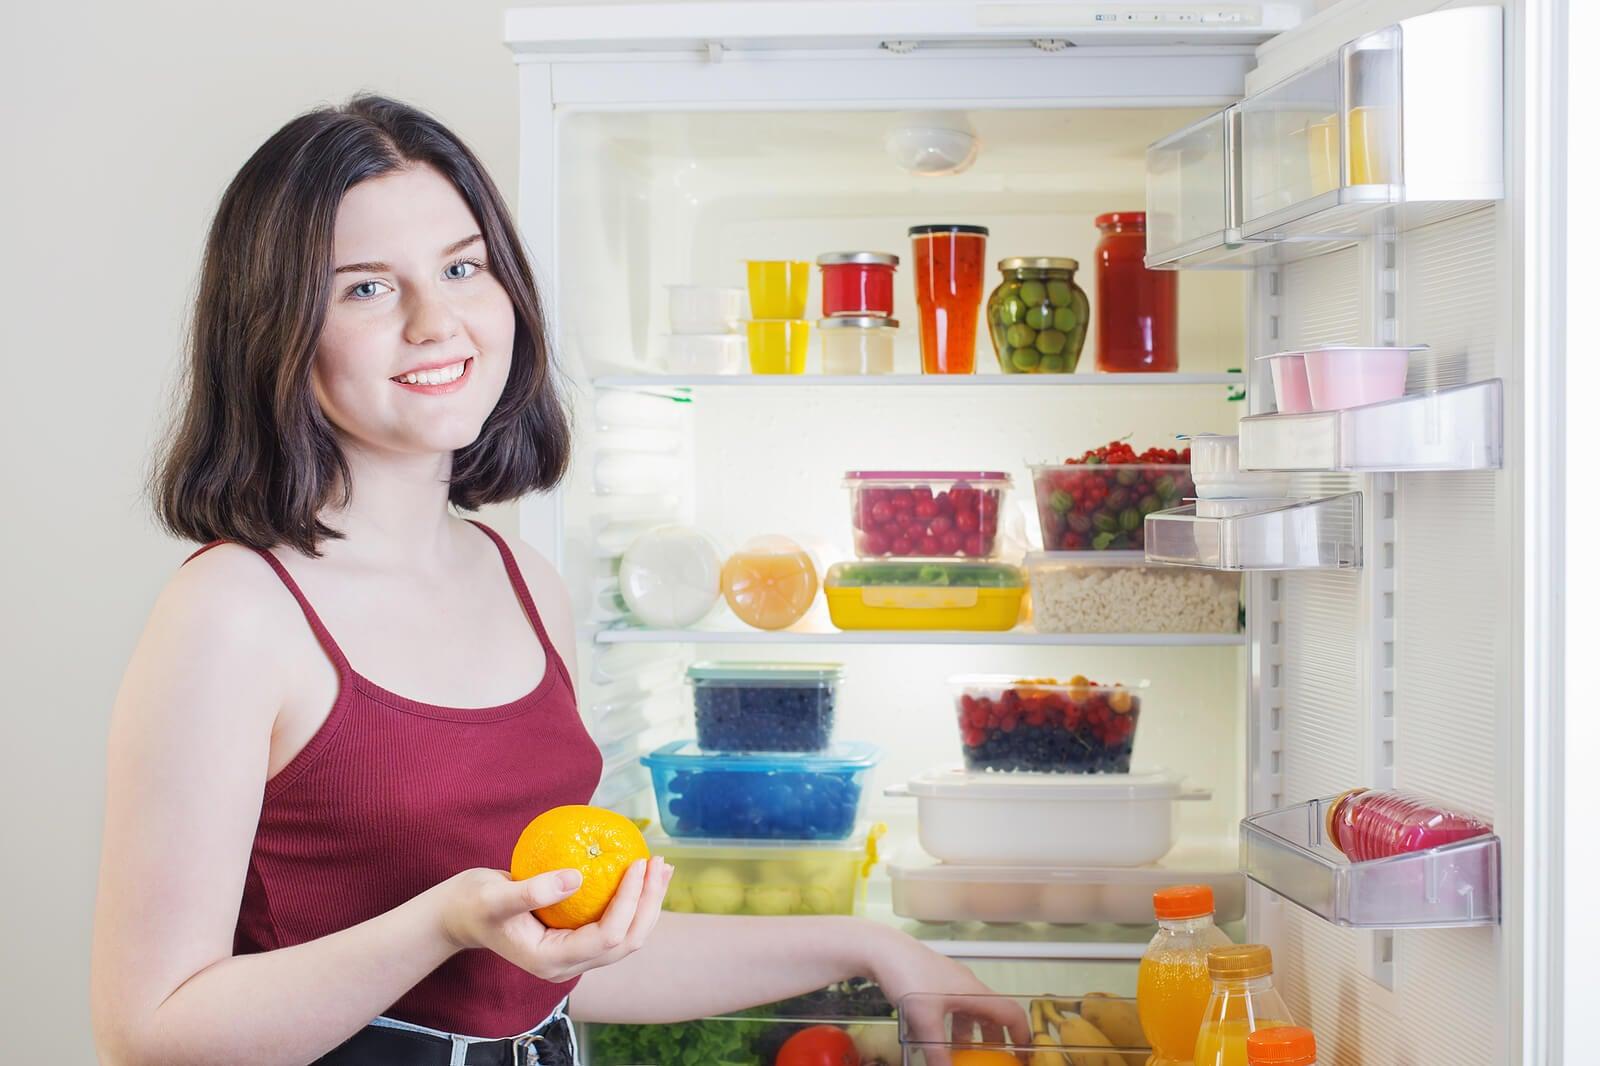 Une femme devant un réfrigérateur ouvert.